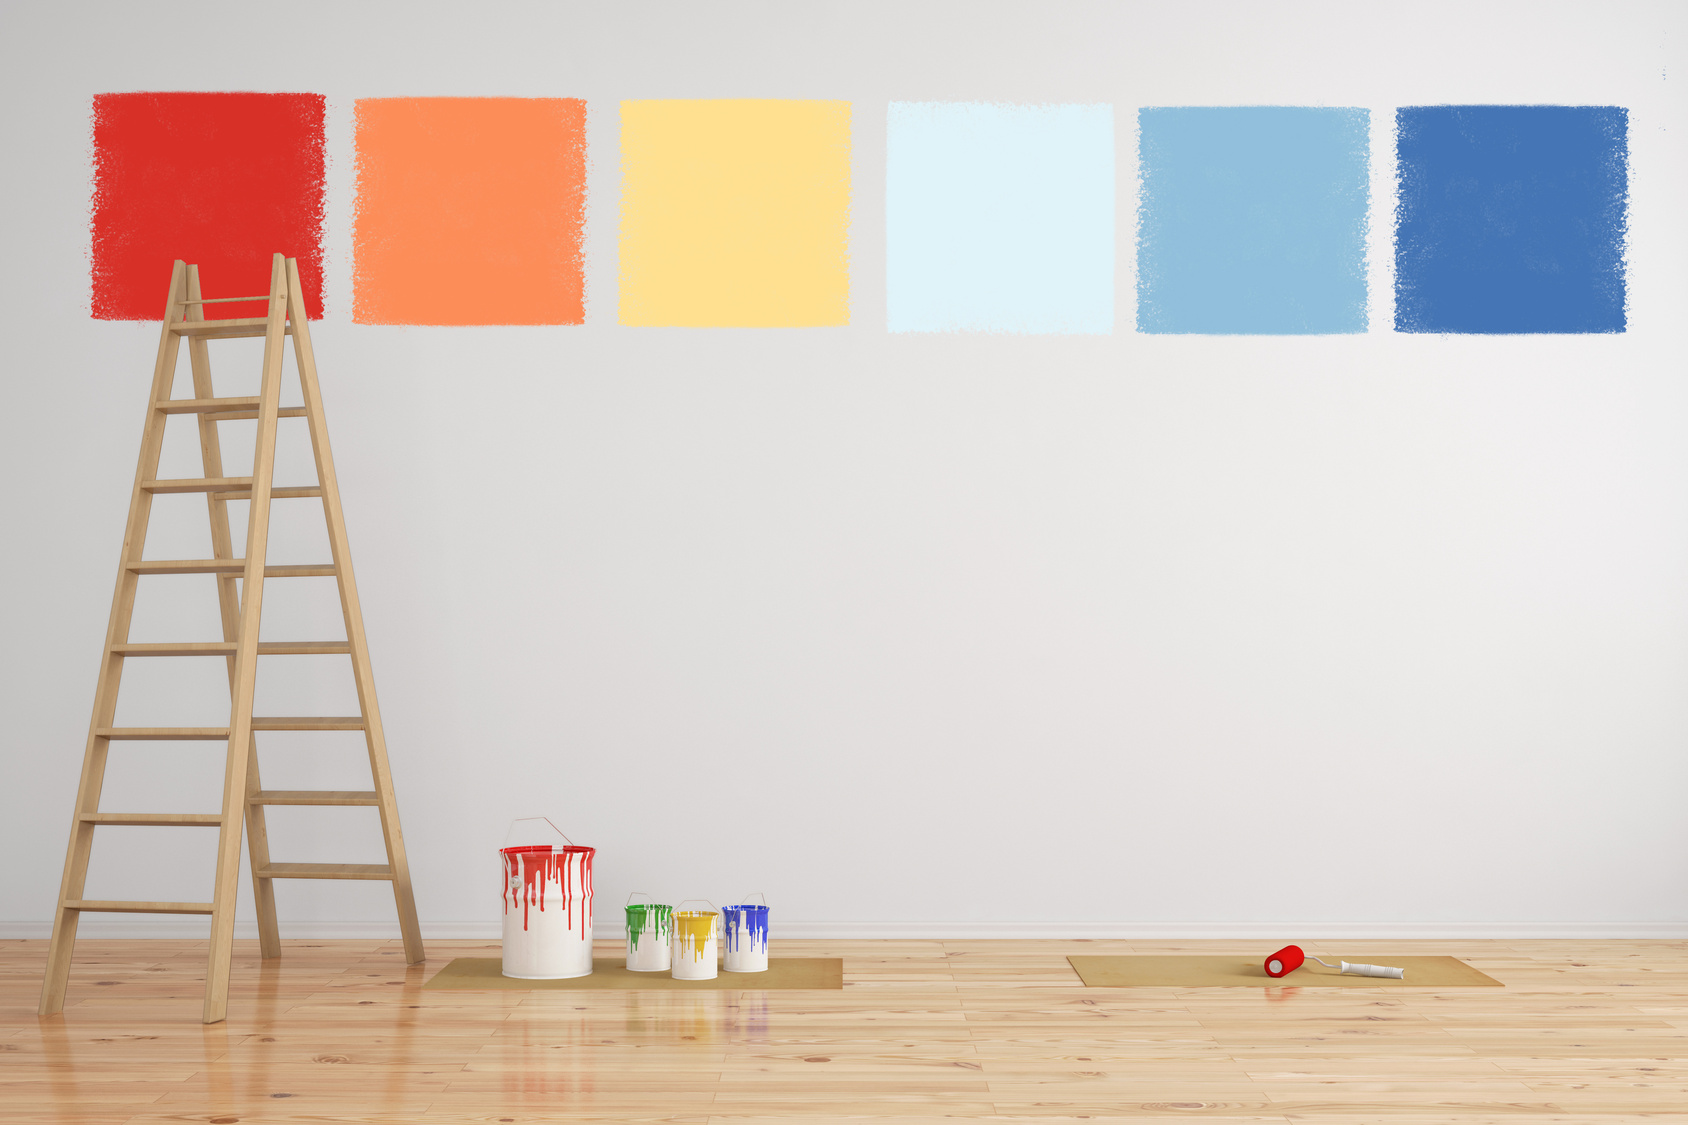 Des id es d co en peinture pour vos int rieurs for Wall e deco vendita on line